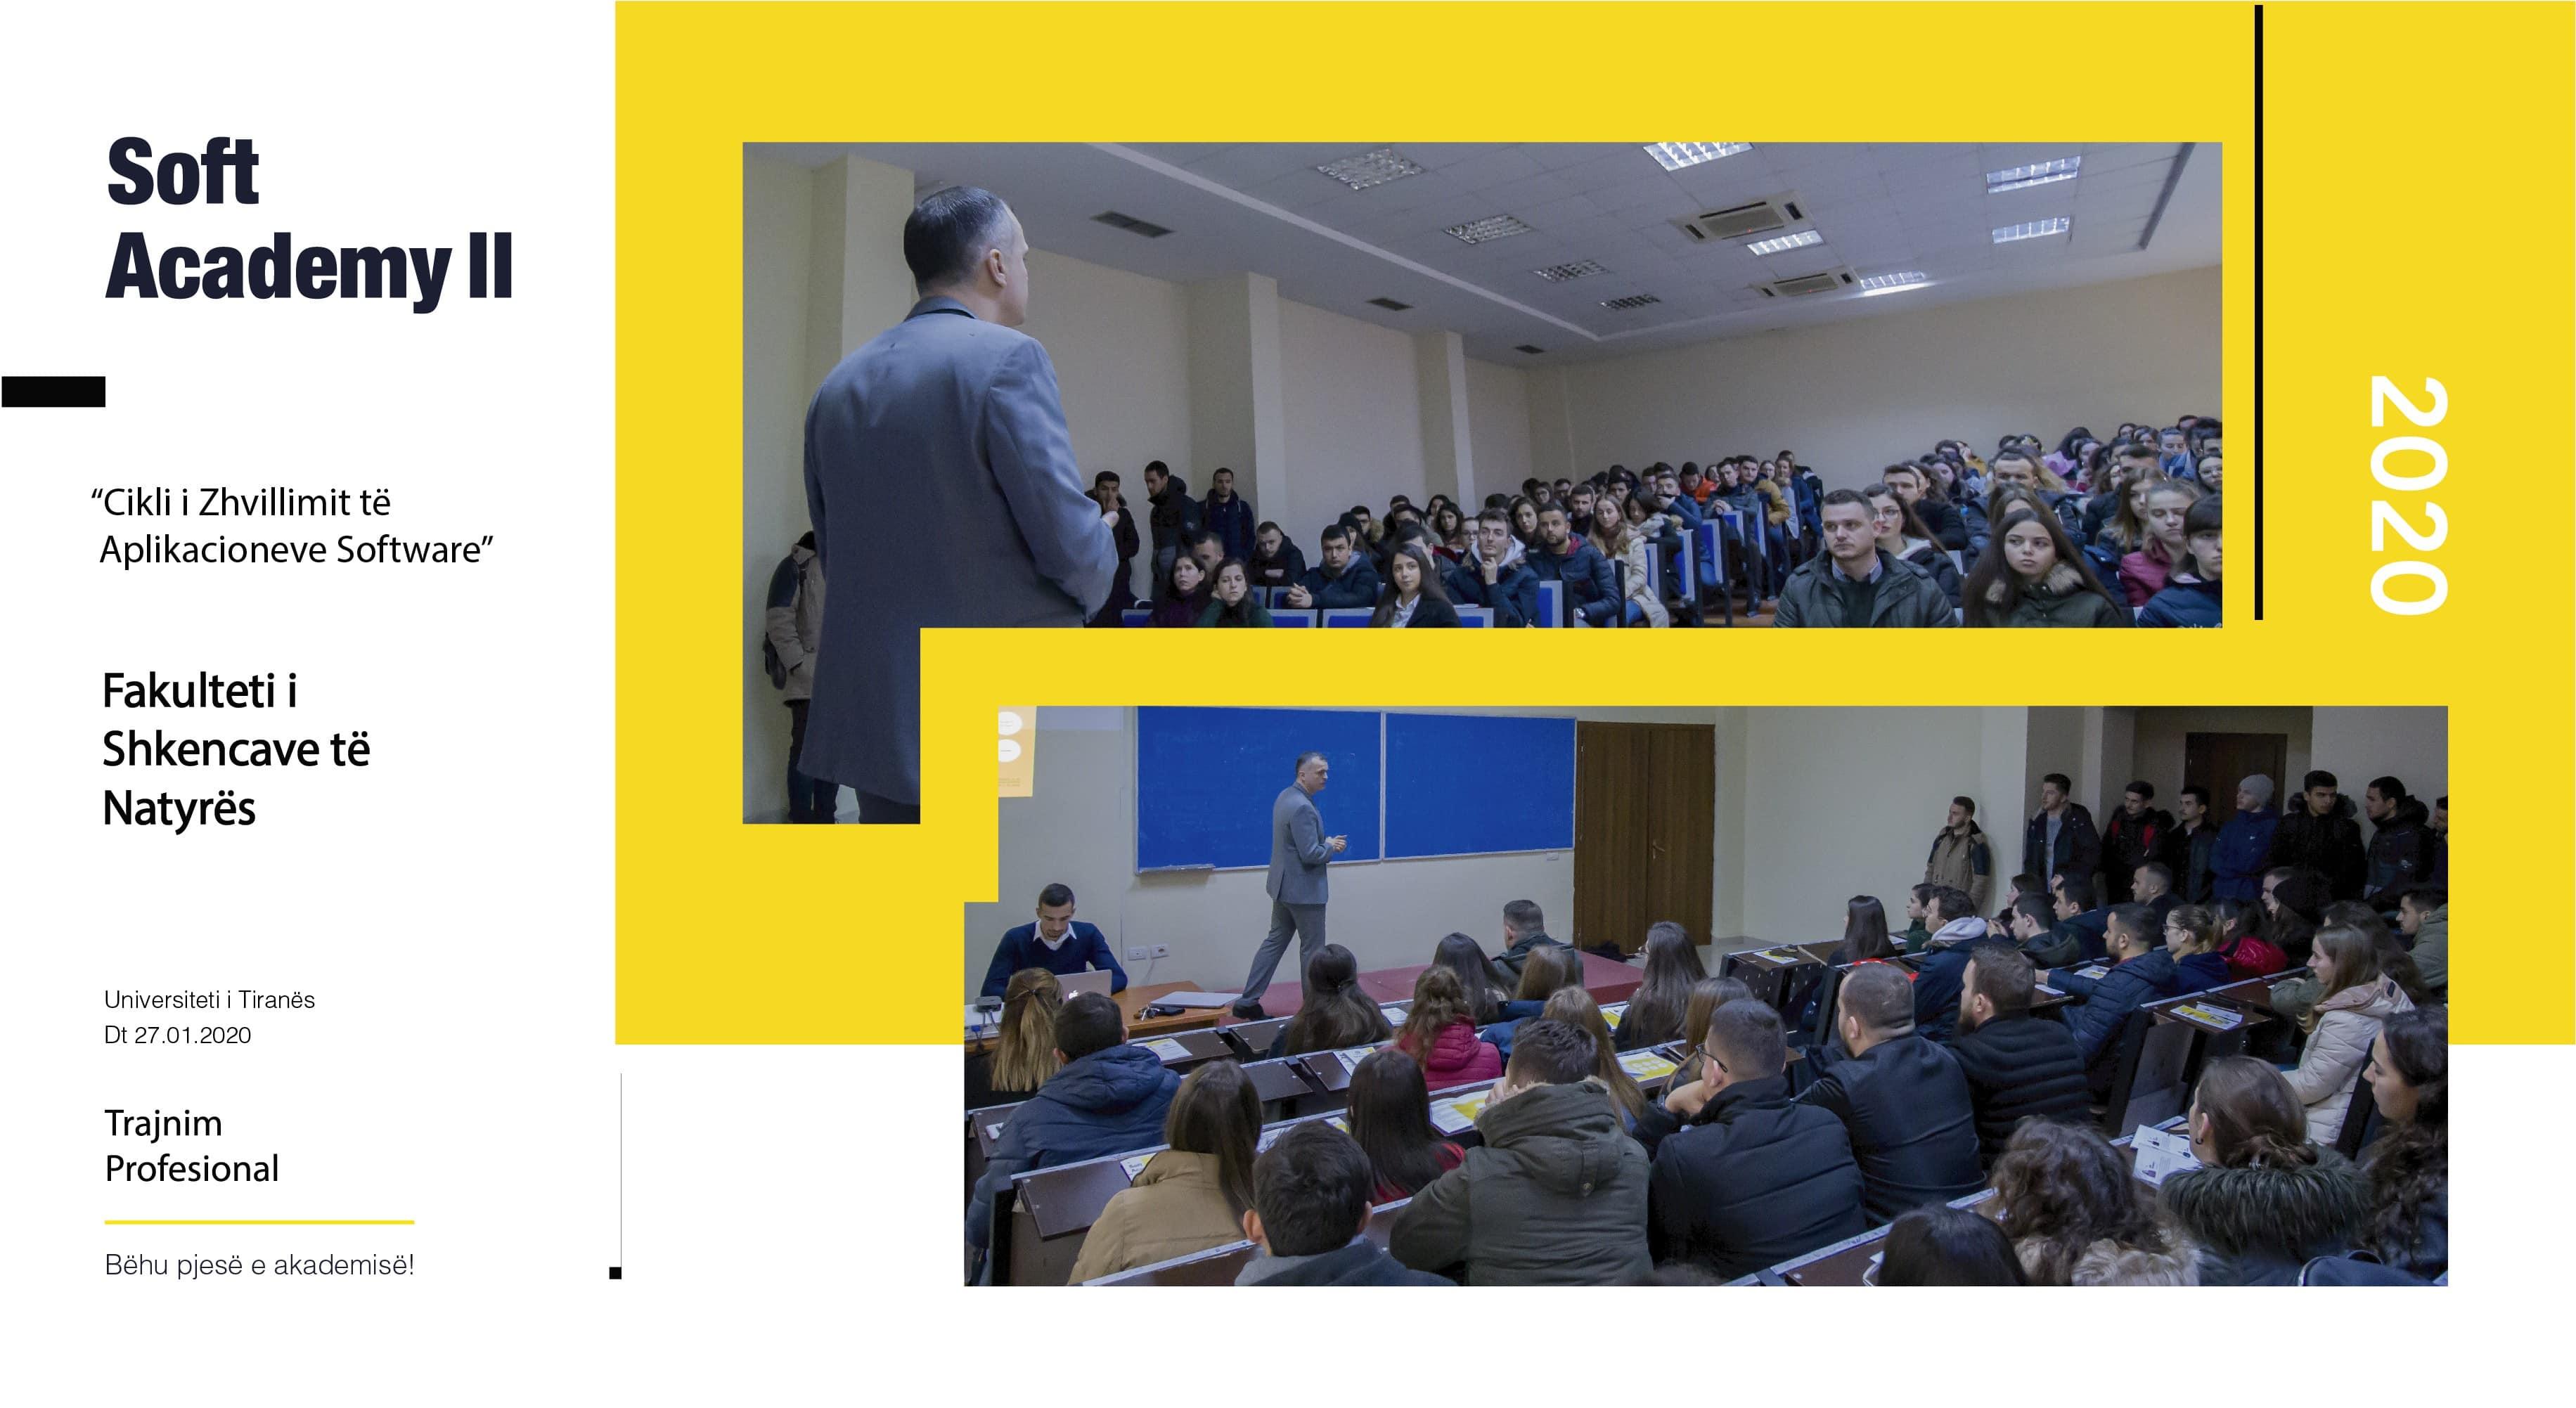 Fakultetit të Shkencave të Natyrës, Prezantimi i Soft Academy, Shkencave të Natyrës, studentët, Marrëveshja e bashkëpunimit